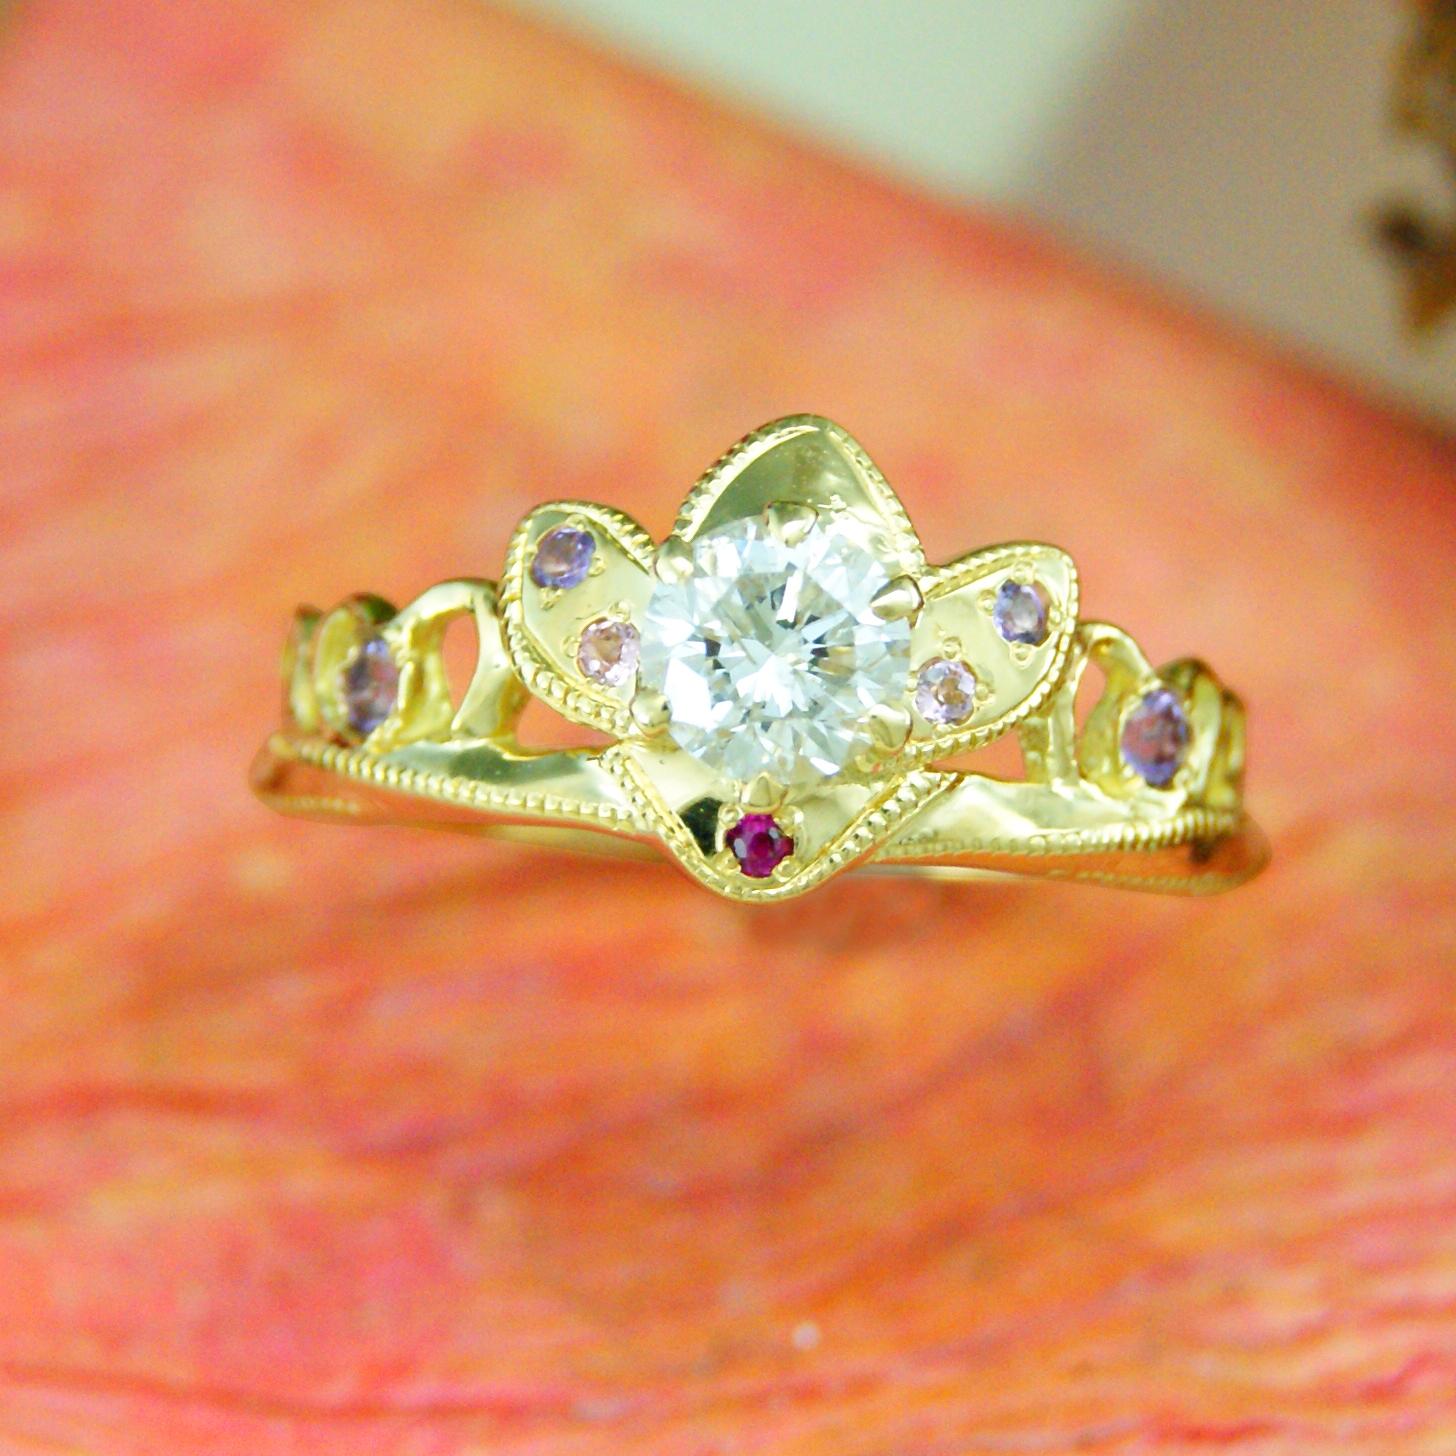 世界に一つだけの結婚指輪 kazariyaYui 福島県郡山市 ティアラ 婚約指輪